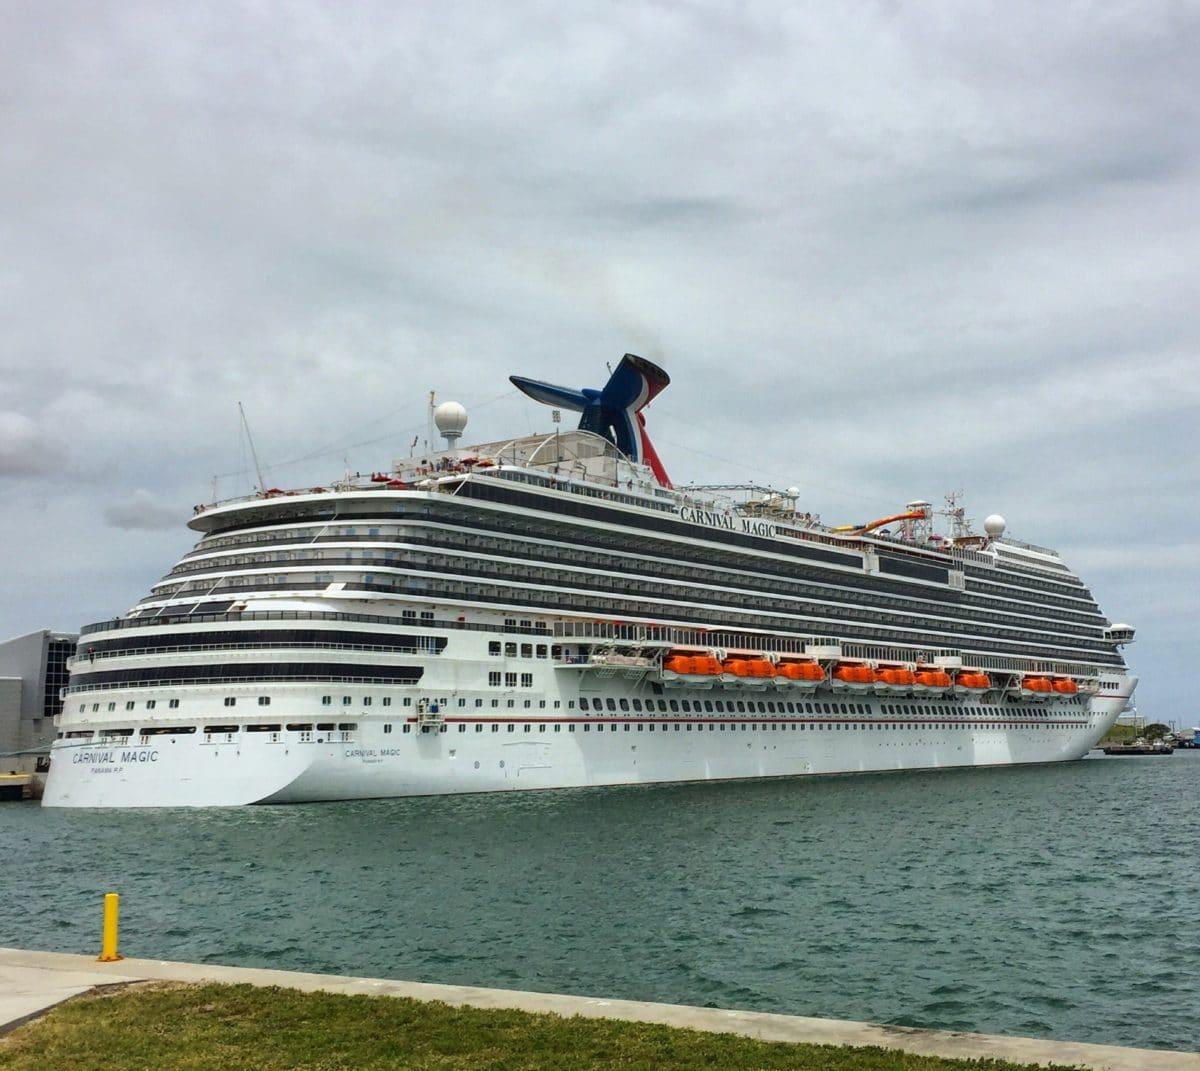 Carnival Magic at Port Canaveral